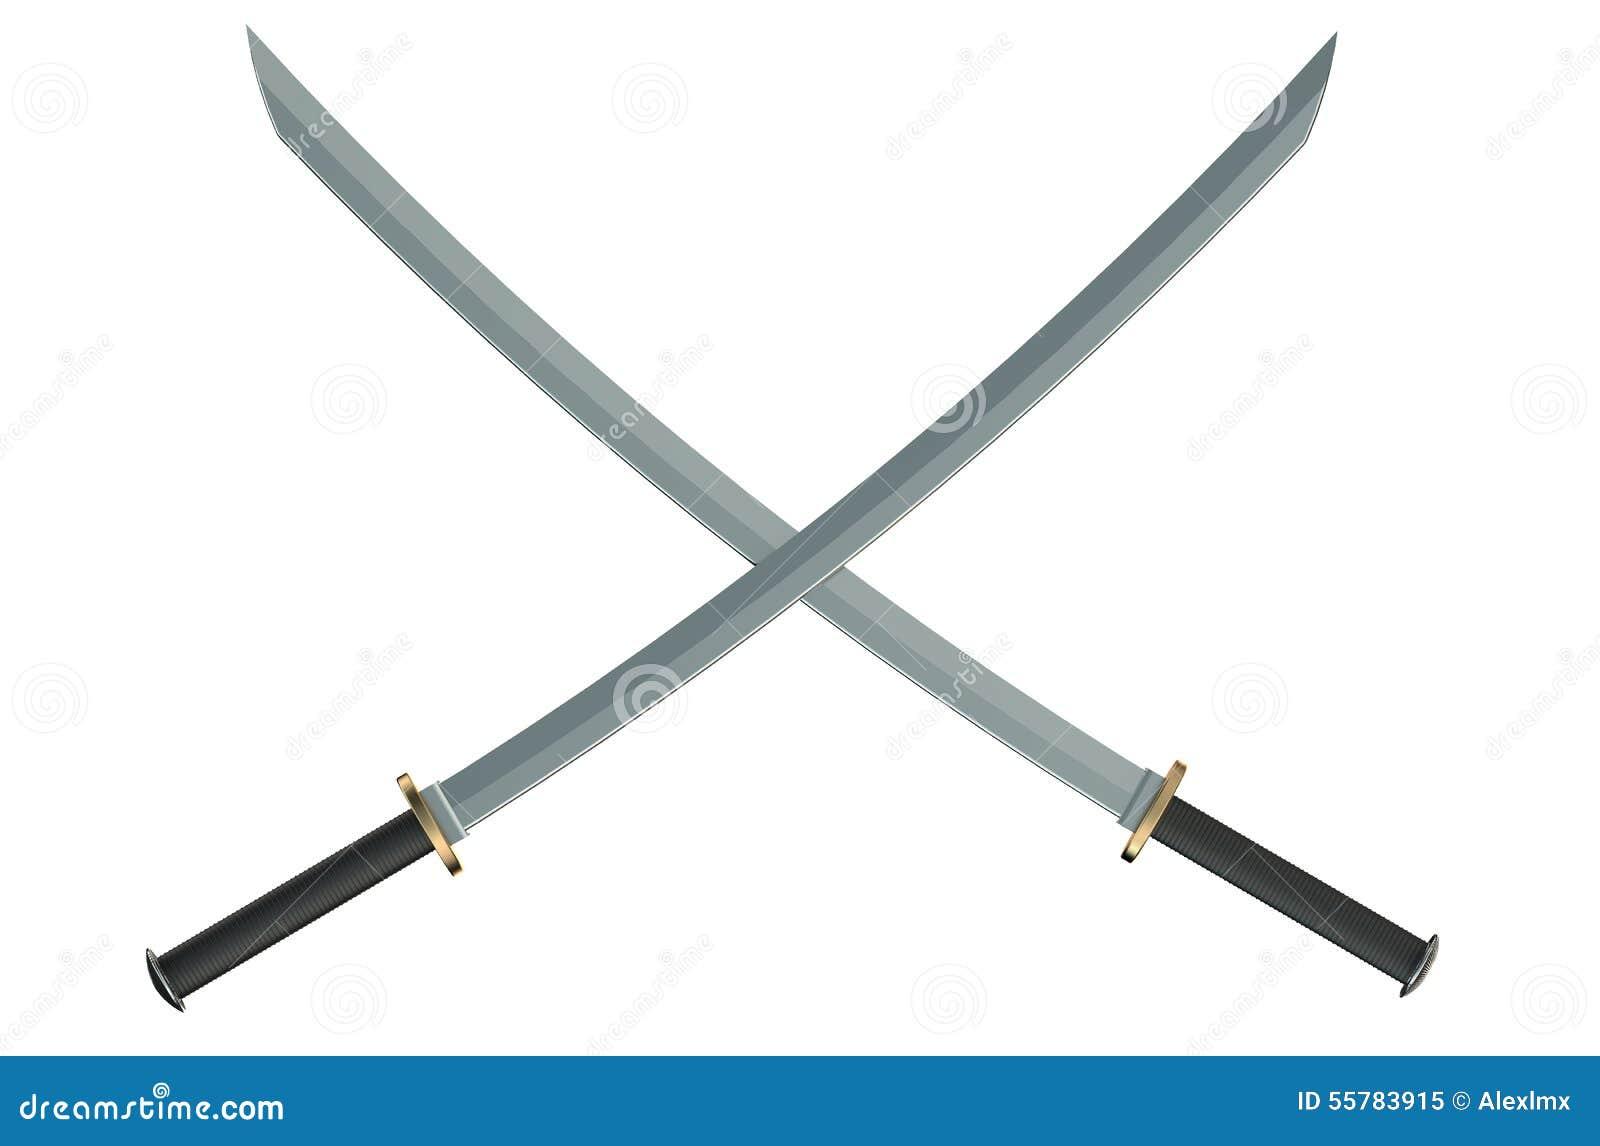 Two Crossed Japanese Samurai Katana Swords Stock Image ...